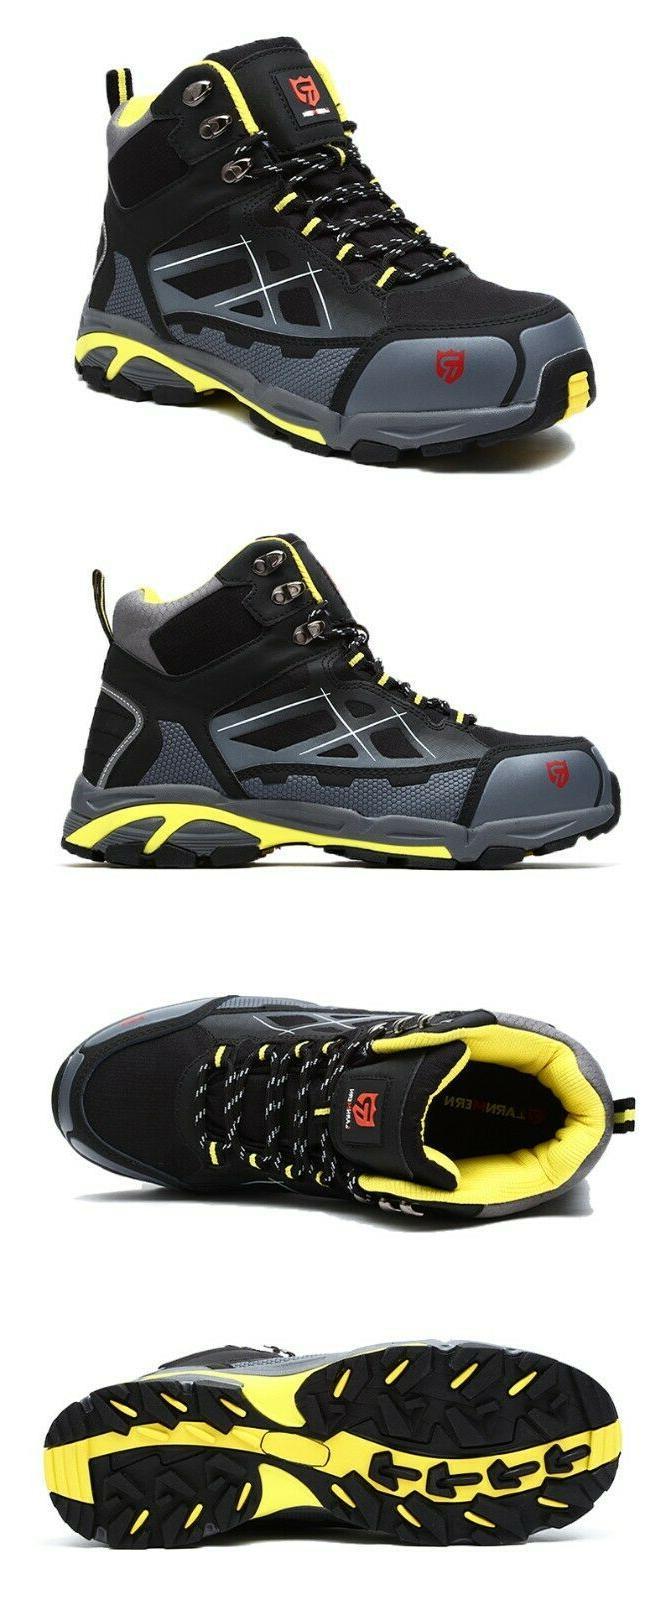 LARNMERN Steel Work Safety Outdoor Footwear